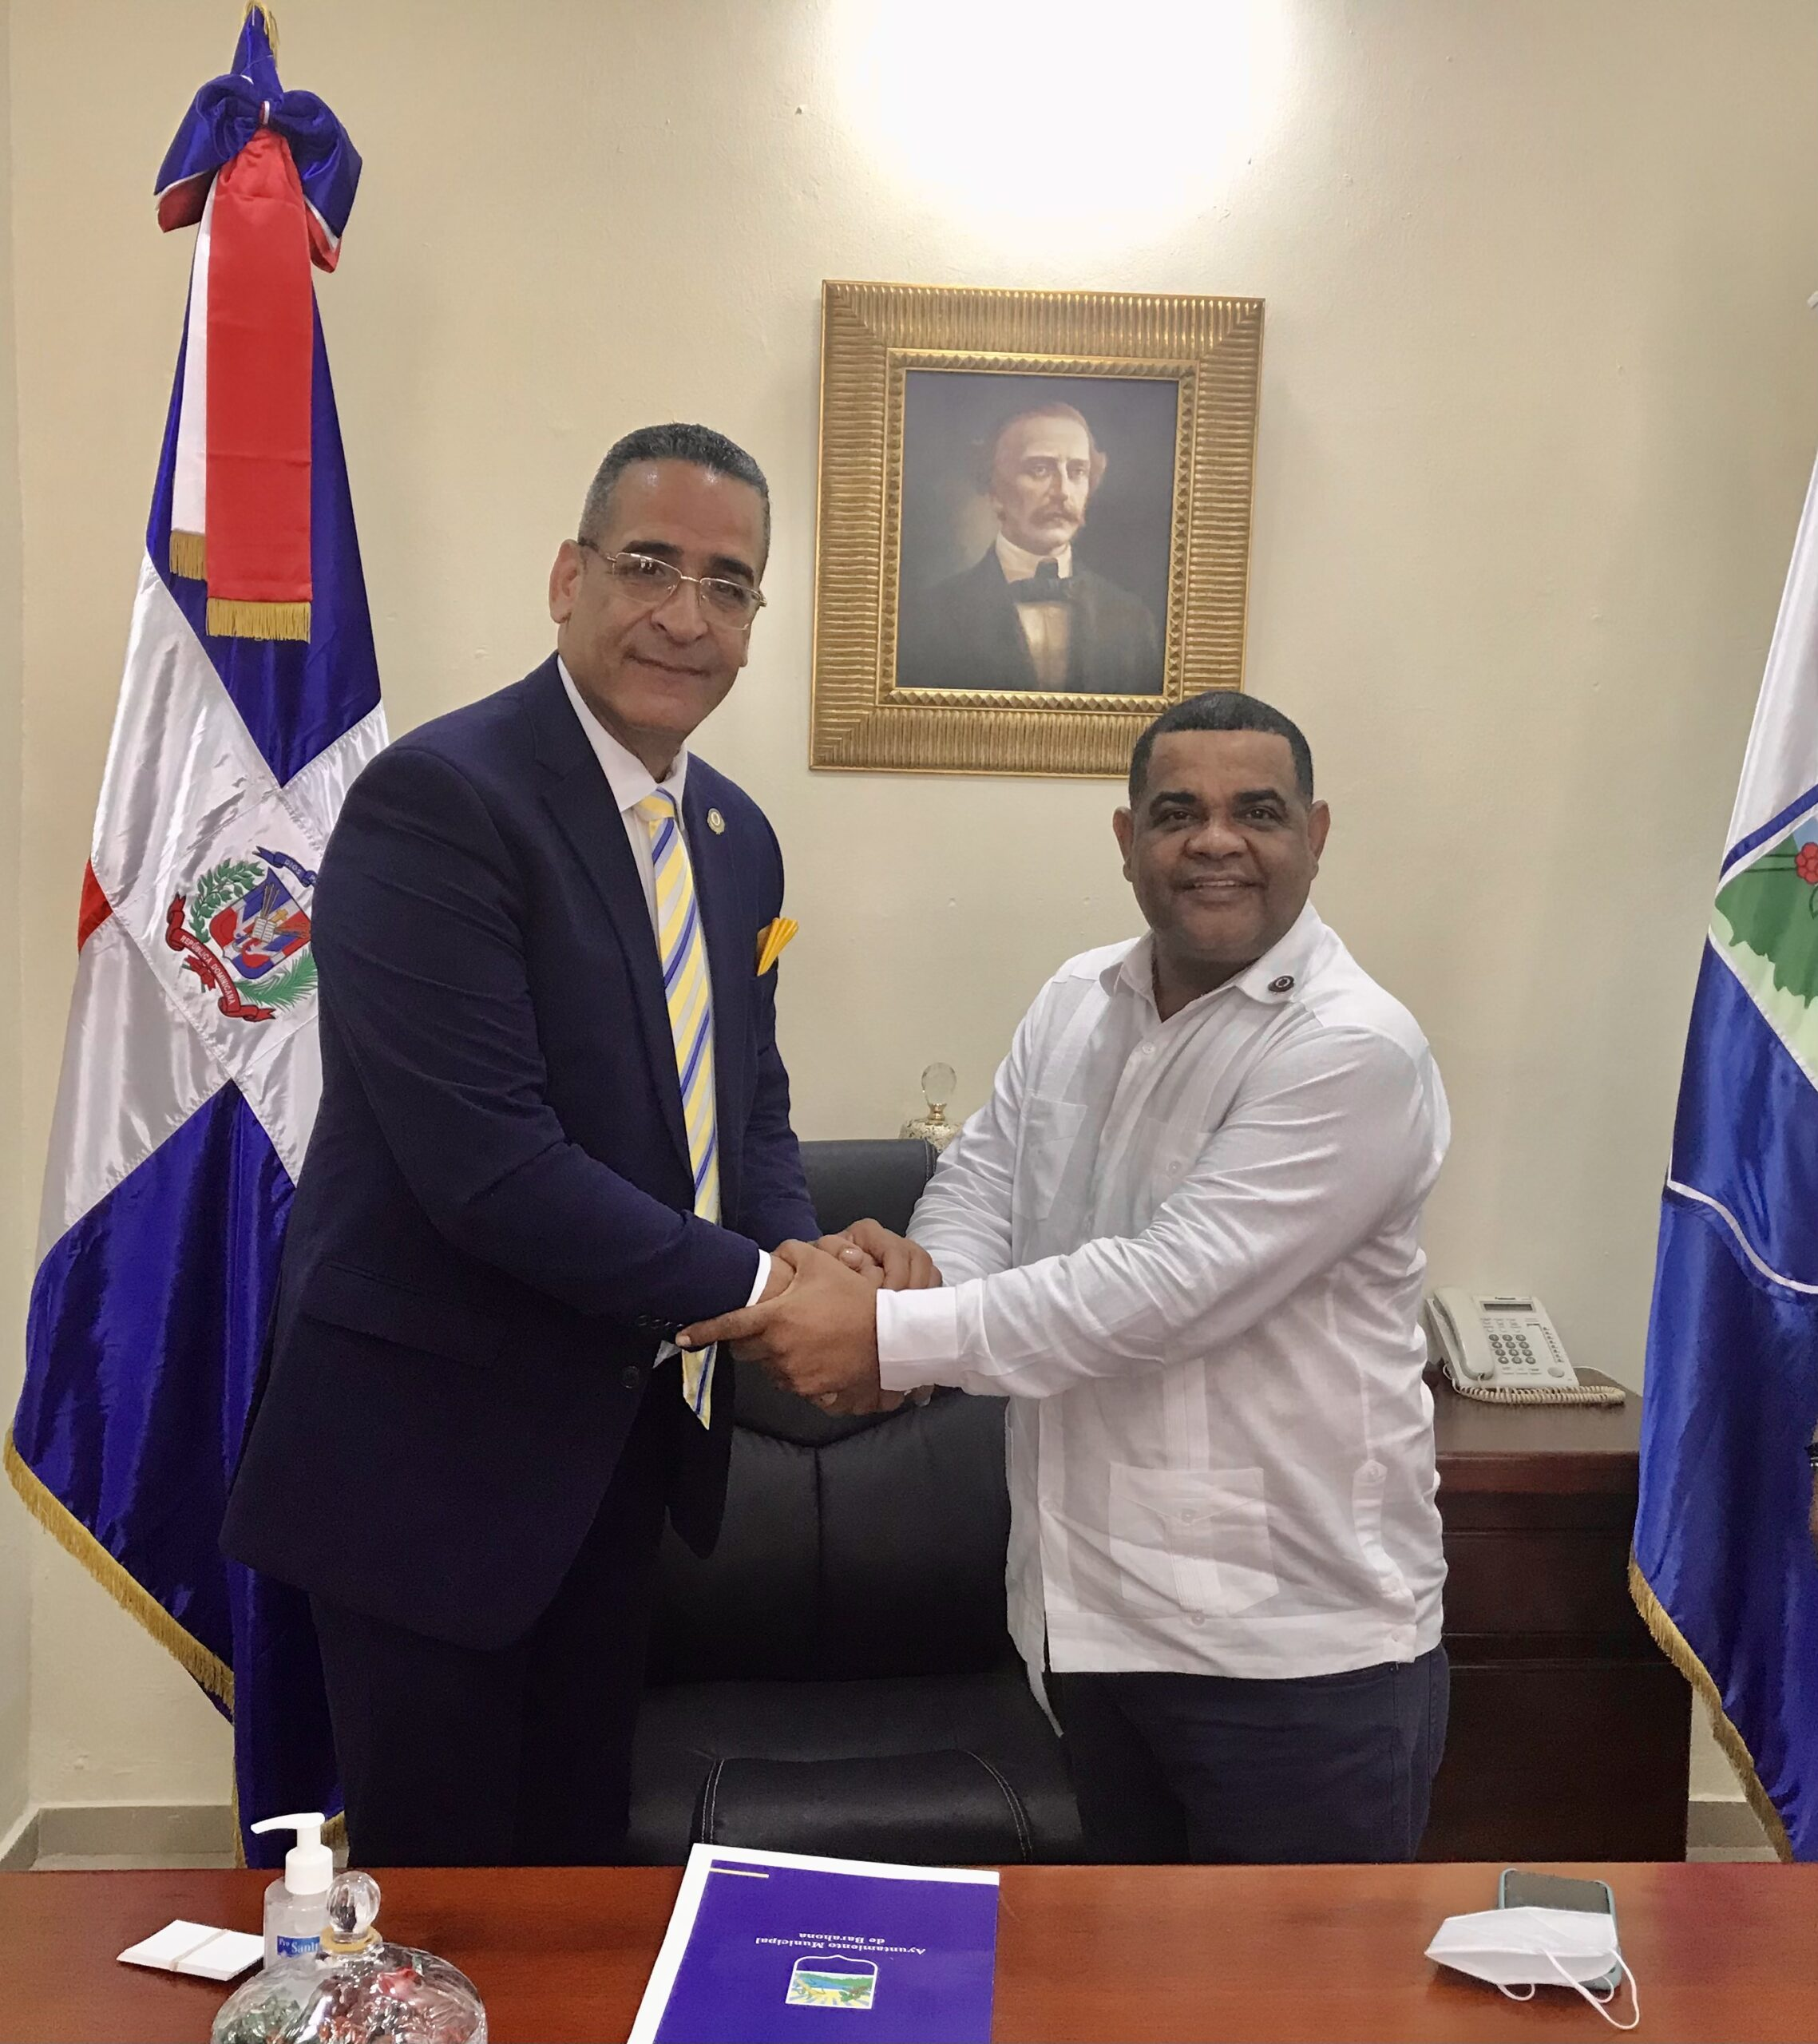 Alcaldía de Barahona Recibe a Luis Vélez Concejal de la Ciudad Paterson New Jersey